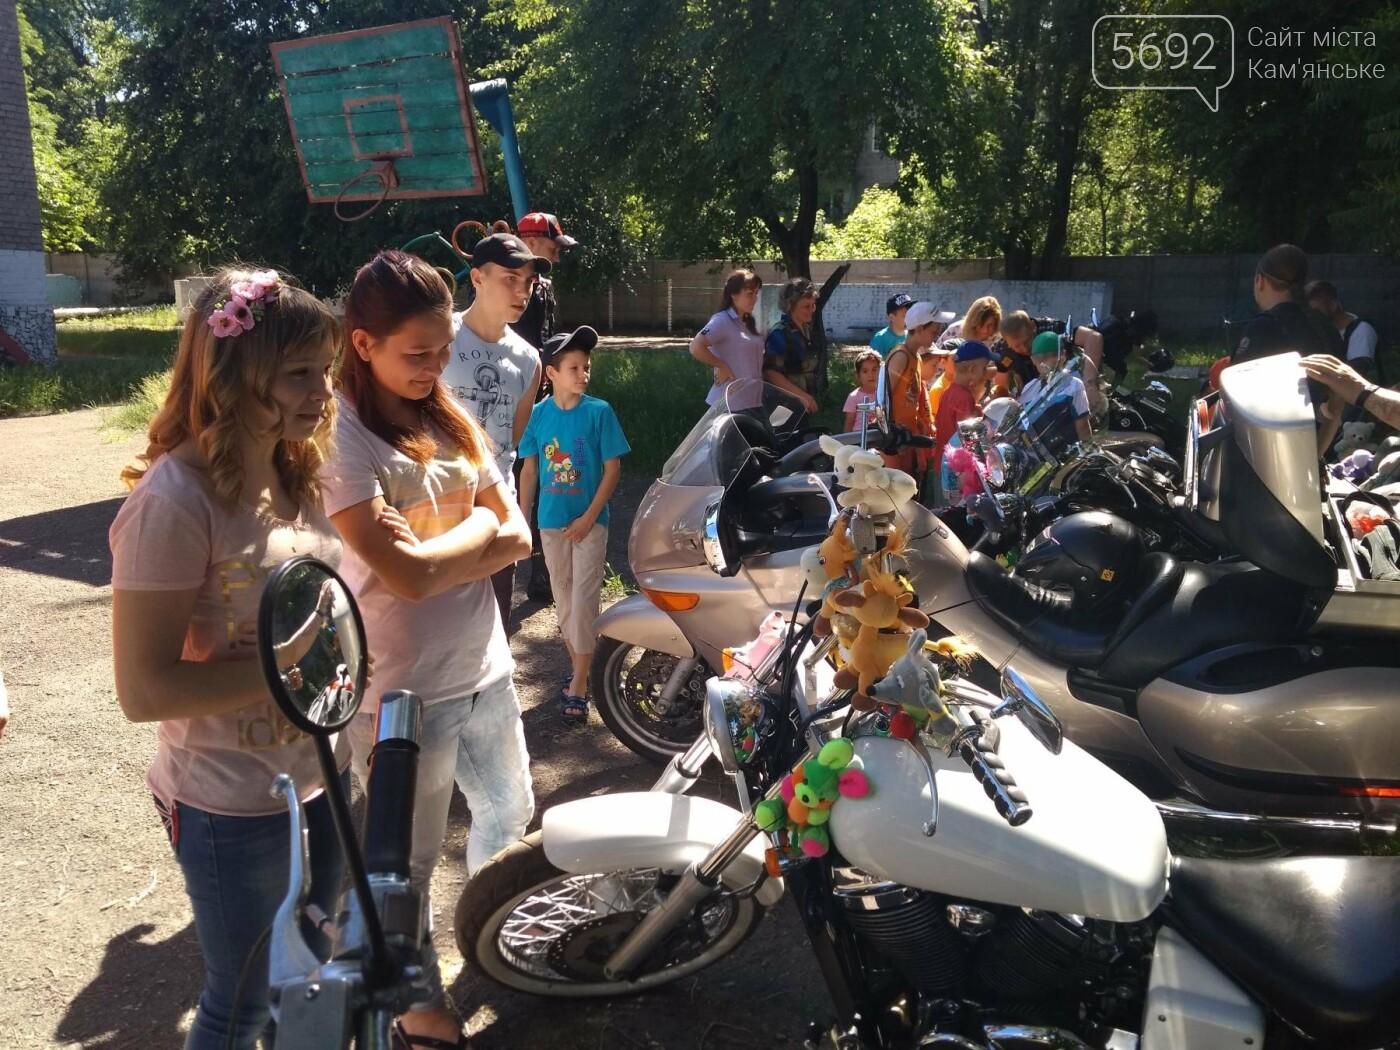 Байкеры Каменского прокатили на мотоциклах детей-сирот, фото-9